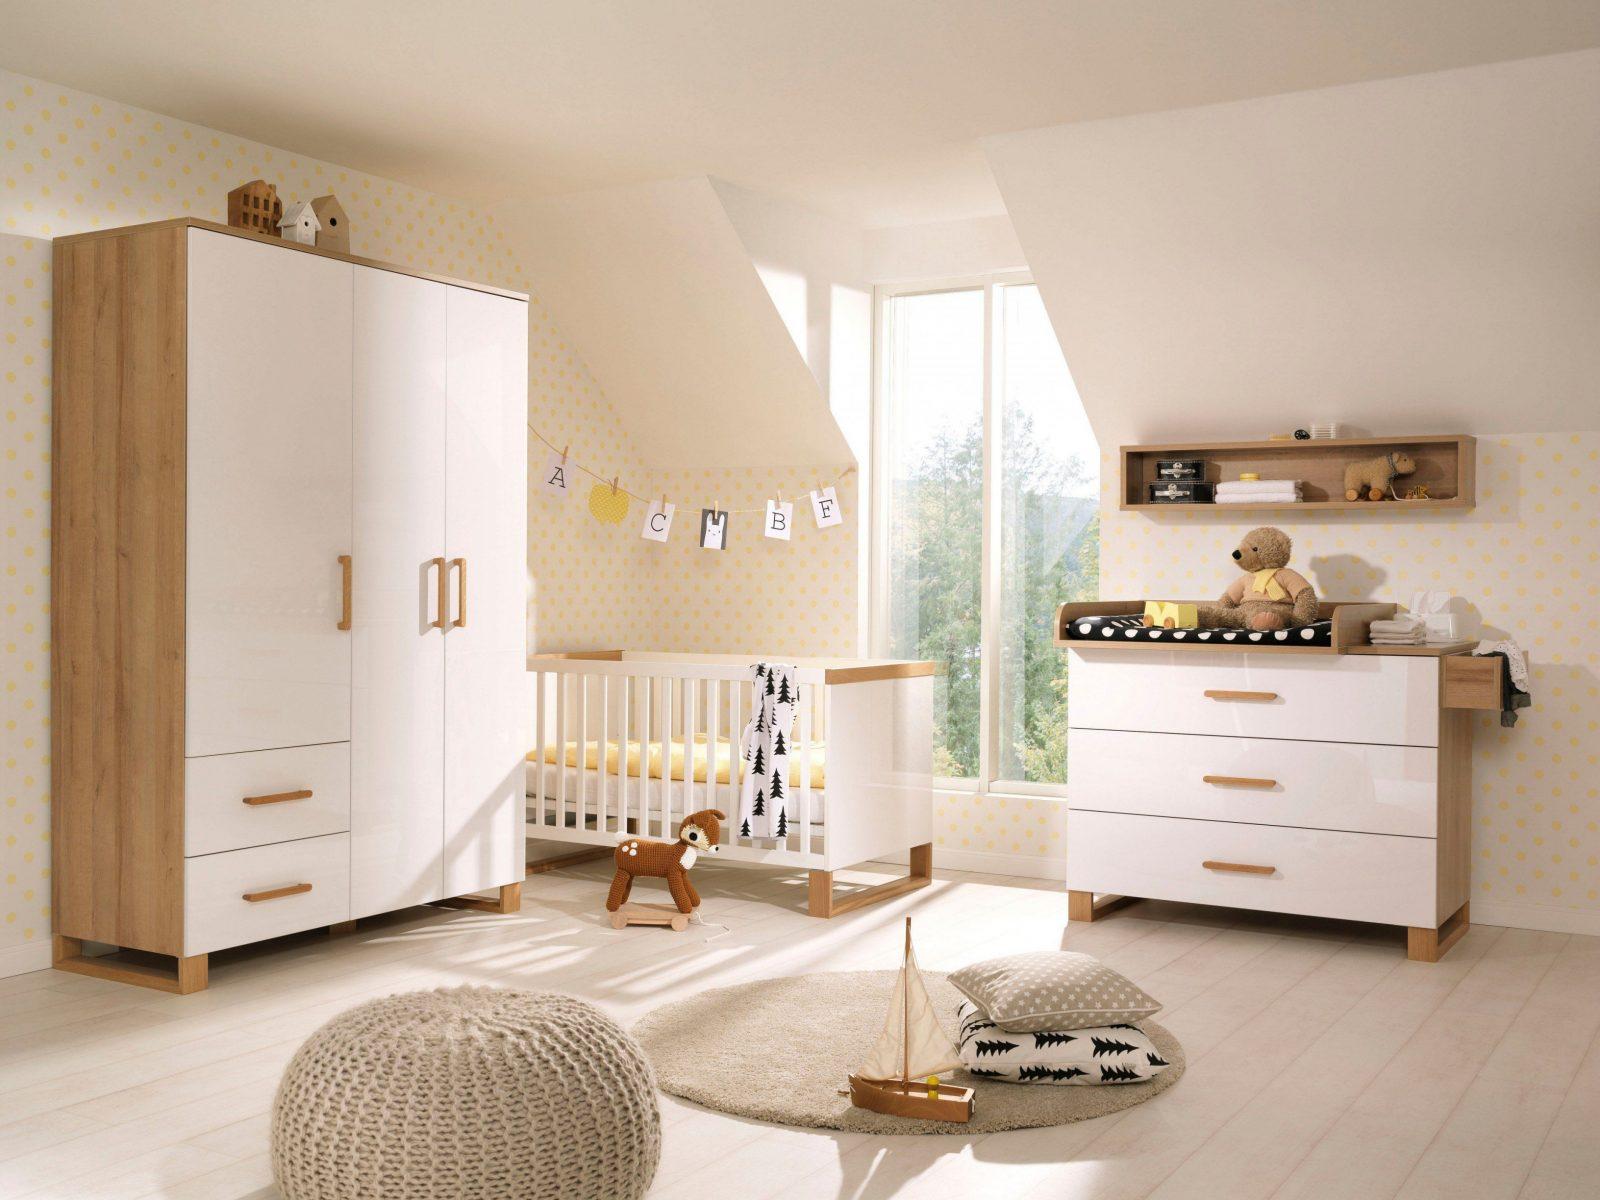 Wellemöbel Benno Babyzimmer Weiß Eiche Möbel Letz Ihr von Babyzimmer Weiß Eiche Bild